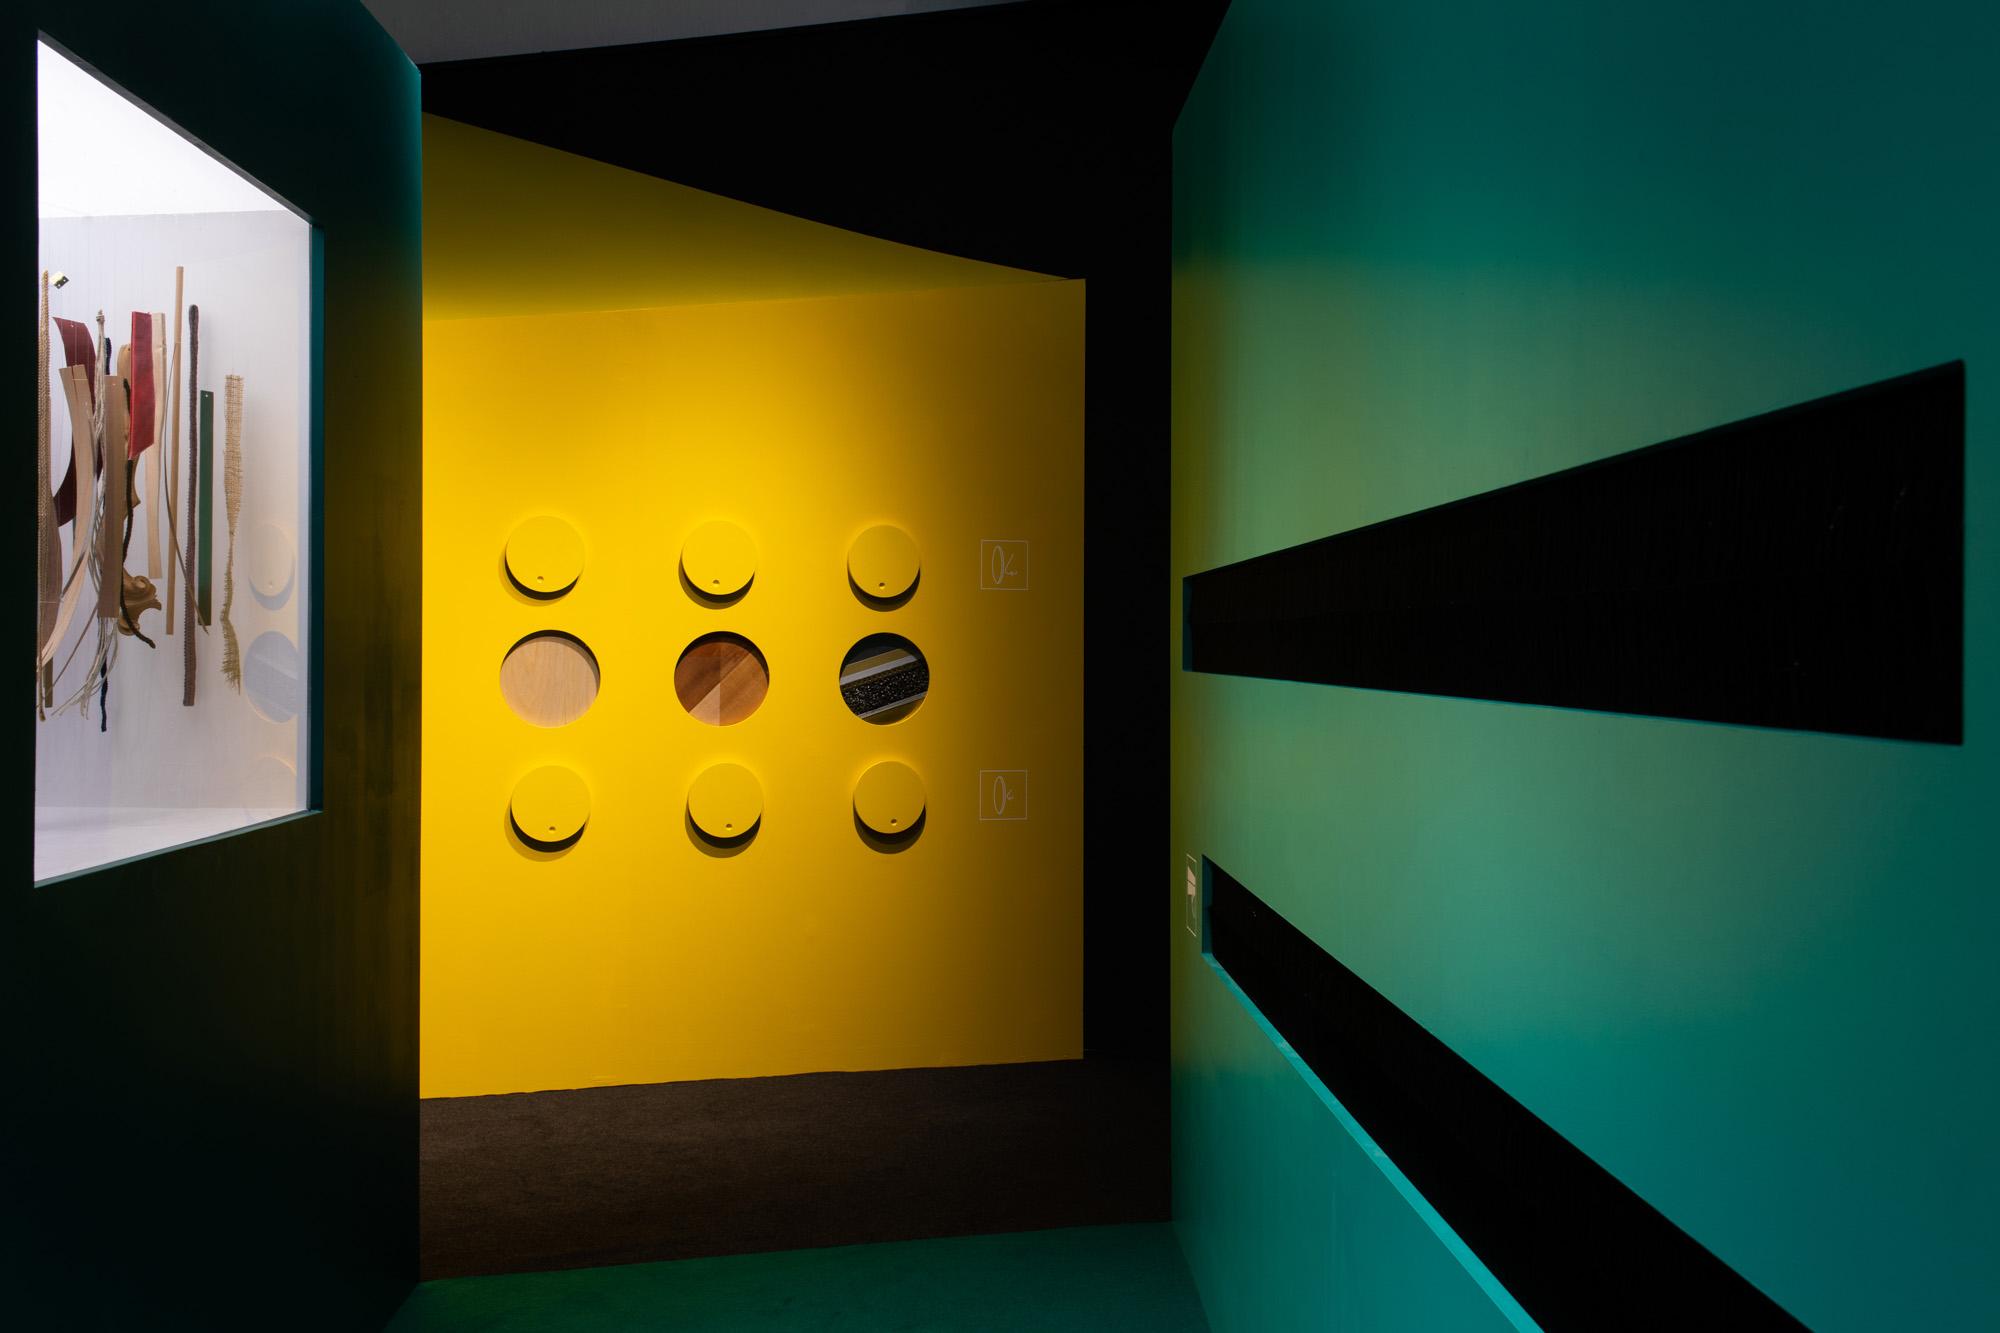 Allestimento Spazio espositivo Amleto Bertoni Saluzzo Sara Fortin design interior concorso olfatto tatto percorso sensoriale